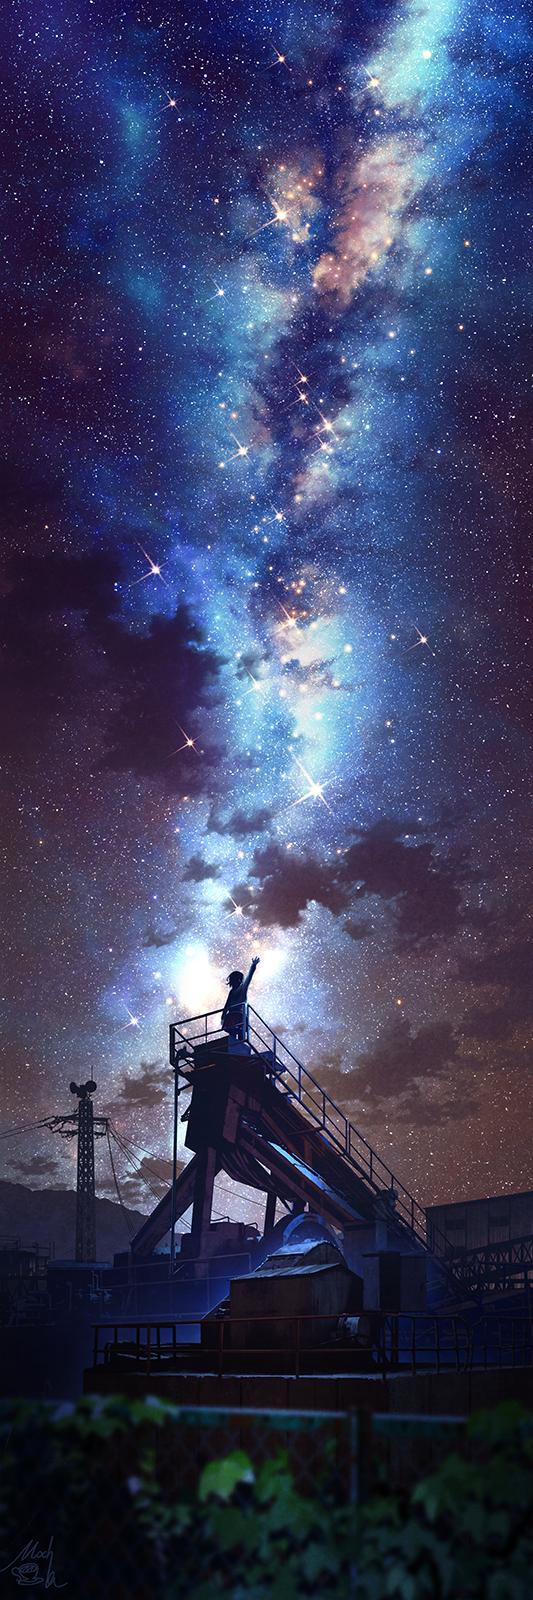 Milky Way [original]